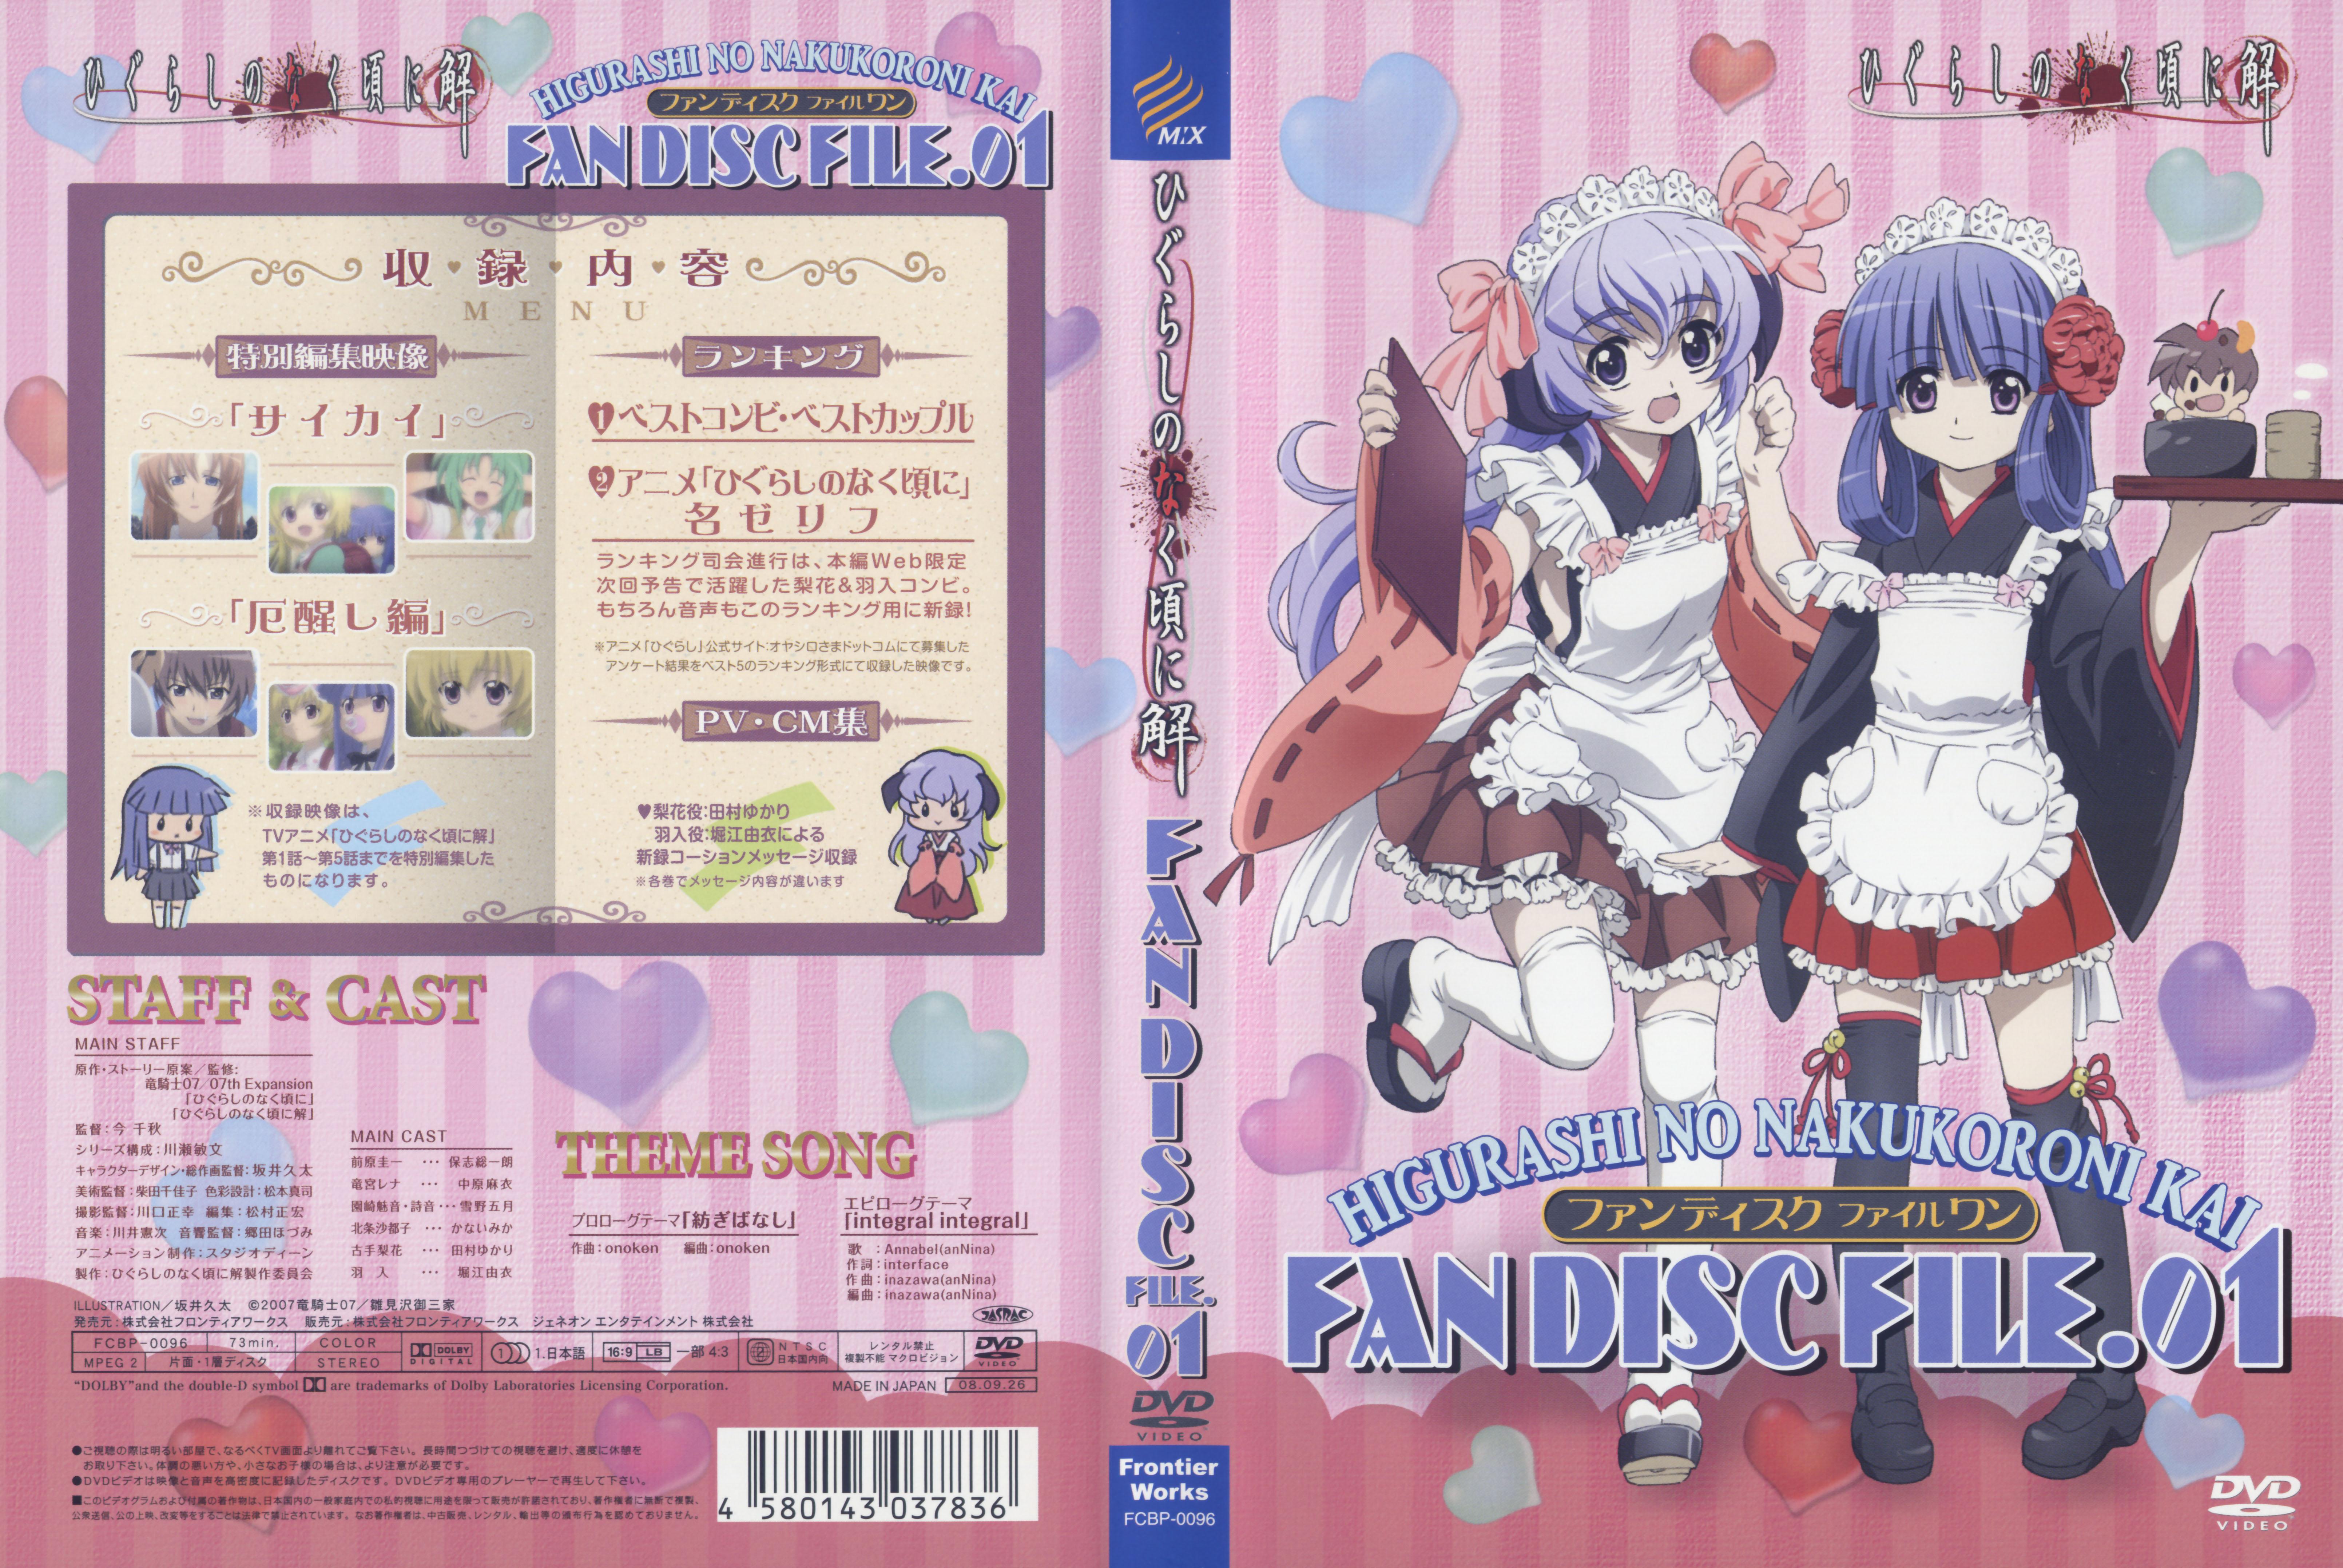 Higurashi No Naku Koro Ni When They Cry Image 2358368 Zerochan Anime Image Board